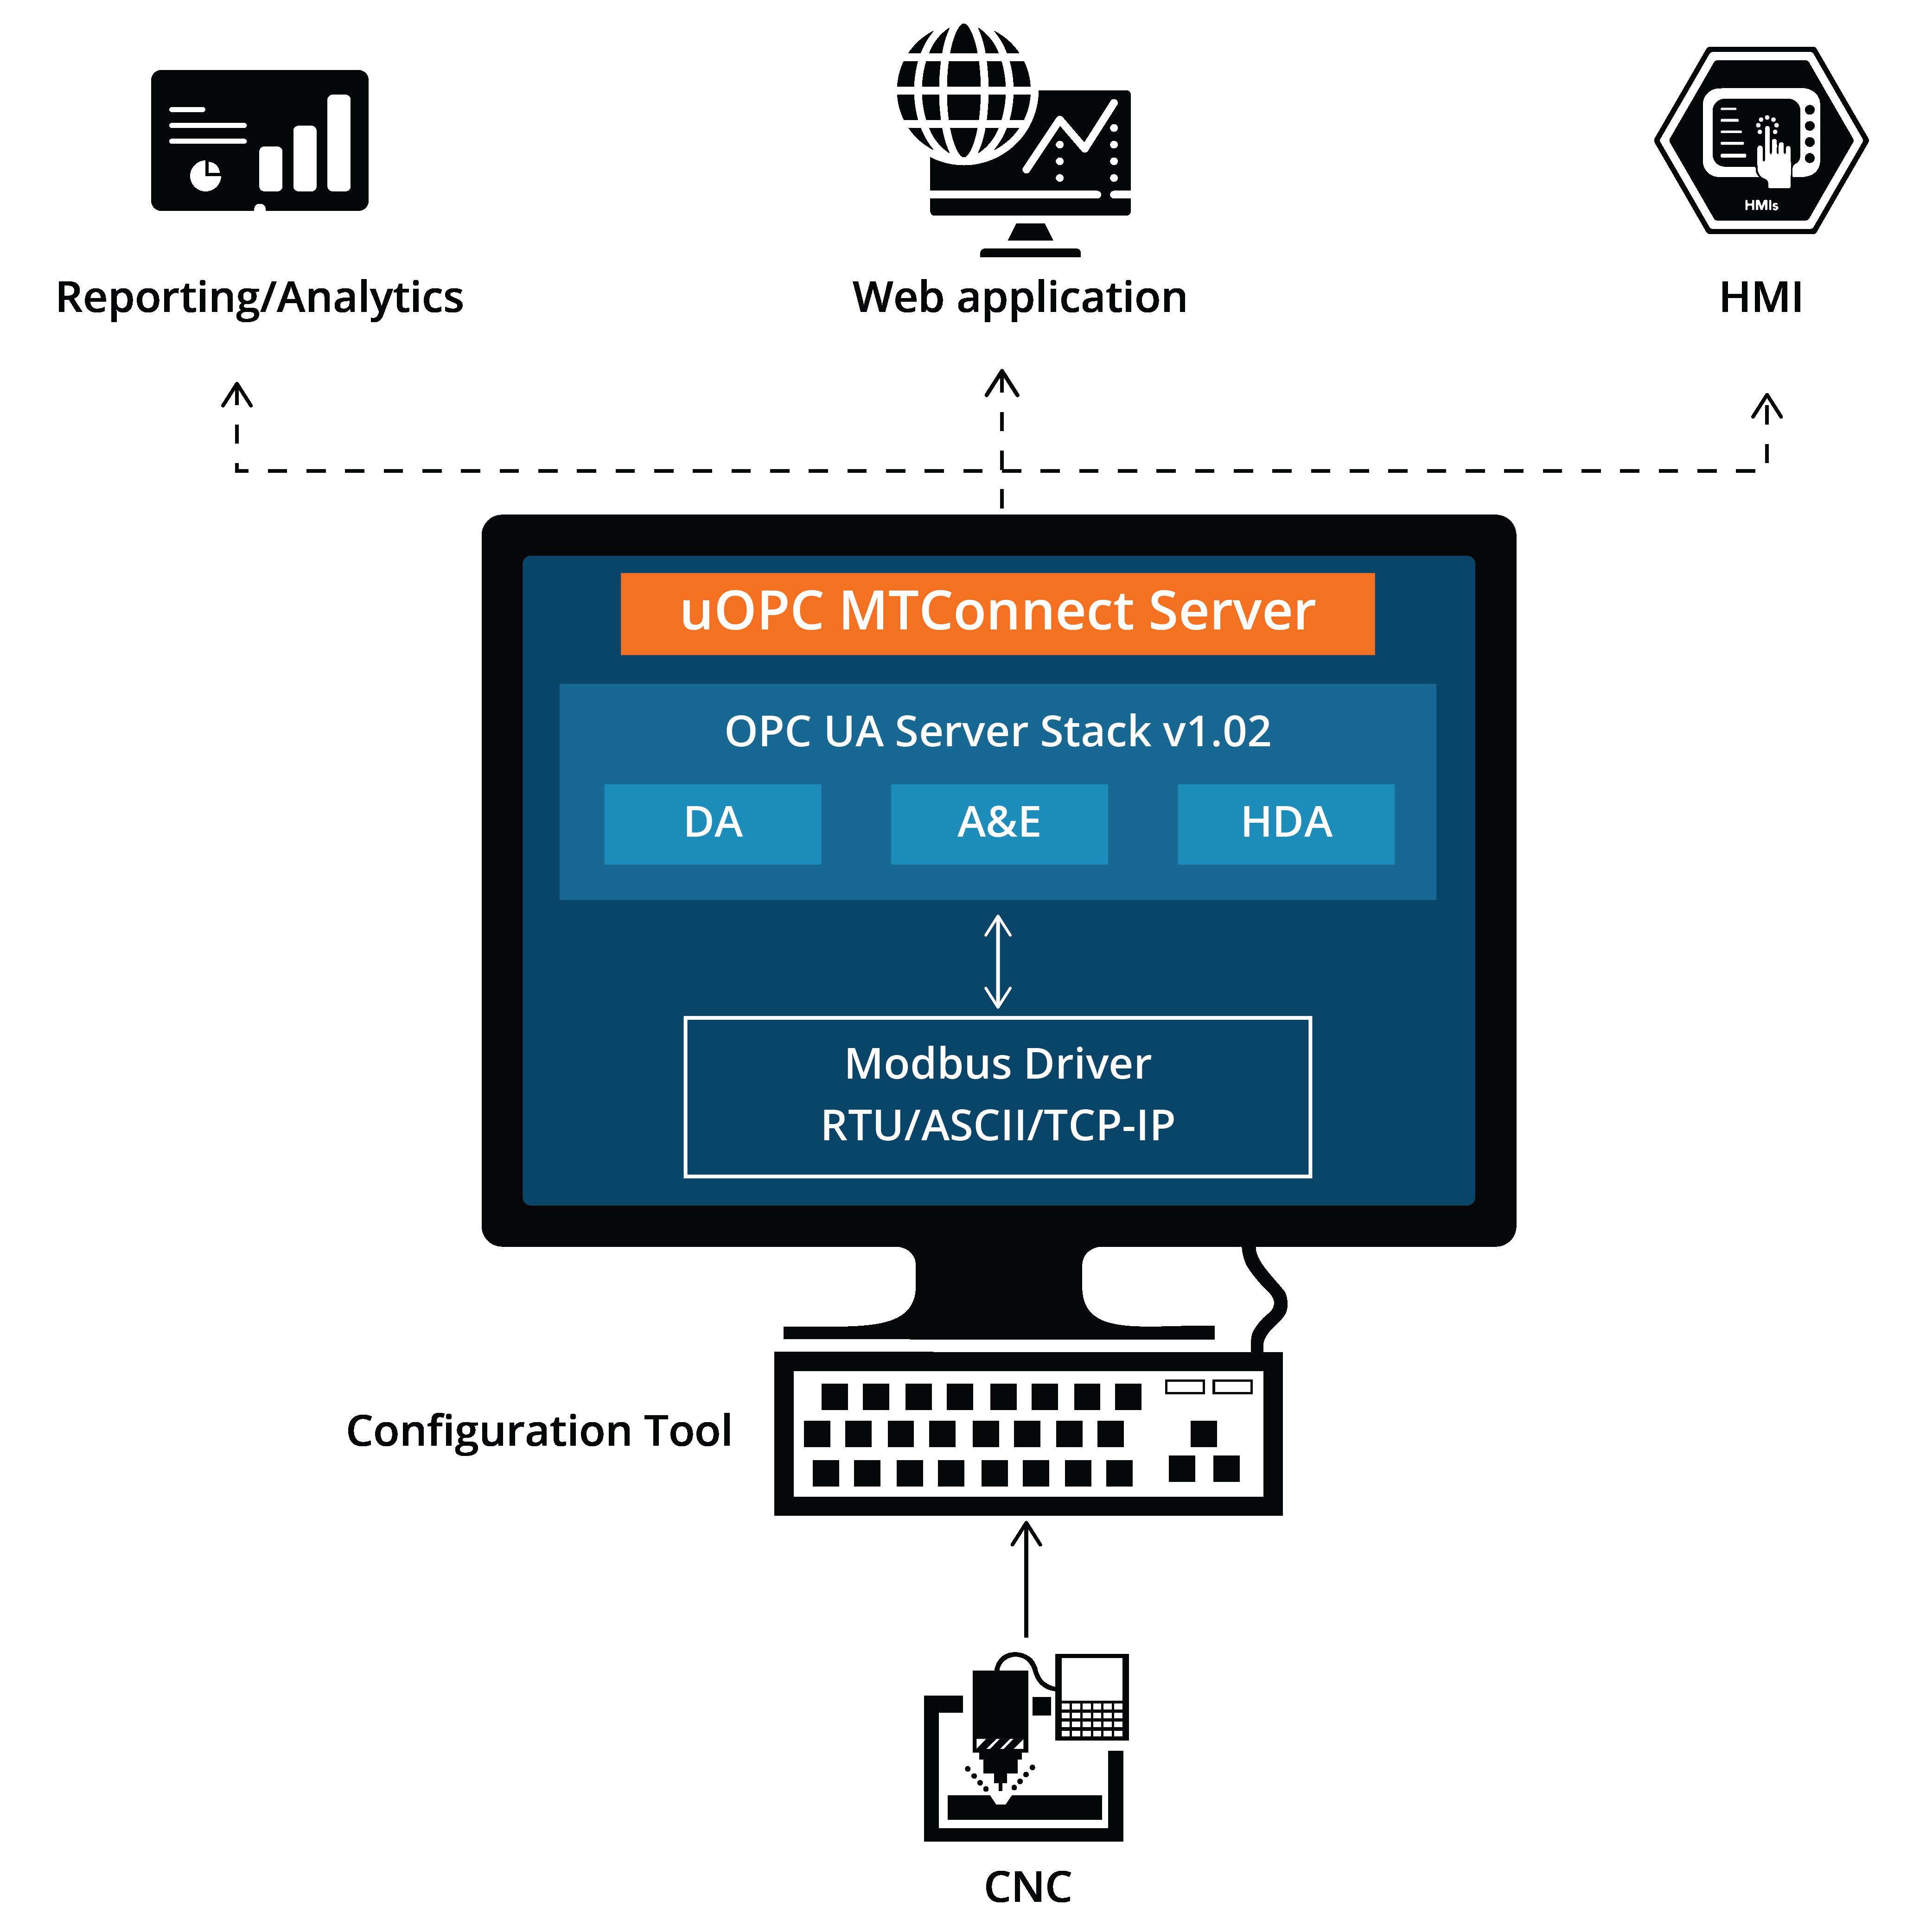 uOPC MTConnect Server